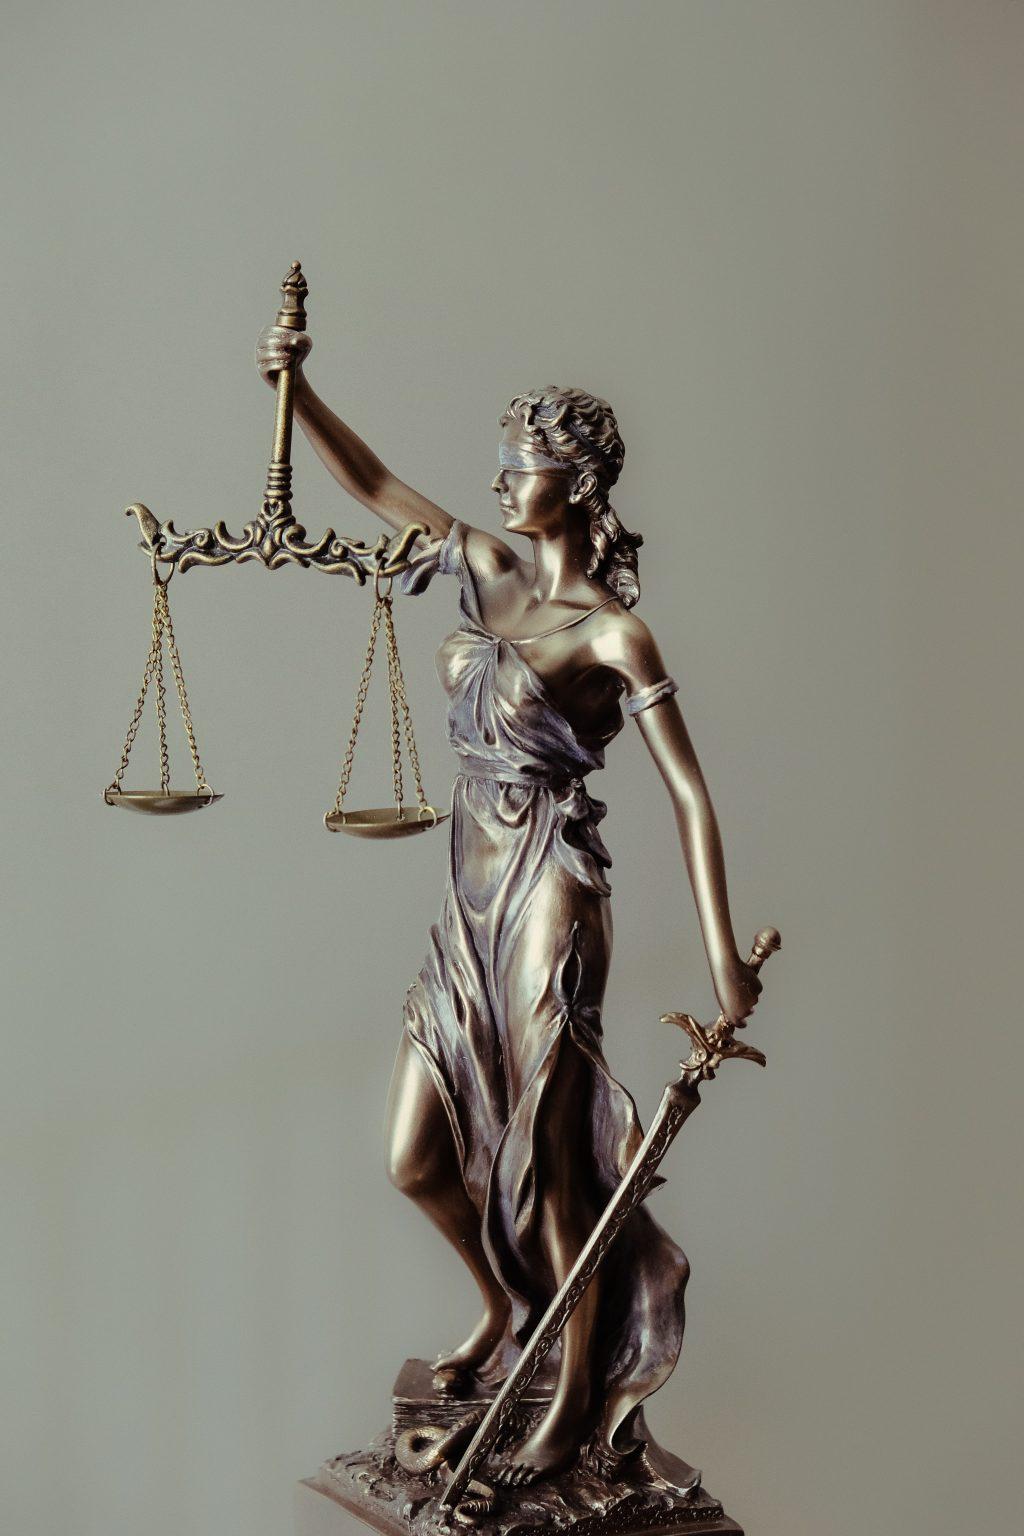 injured, lawyer